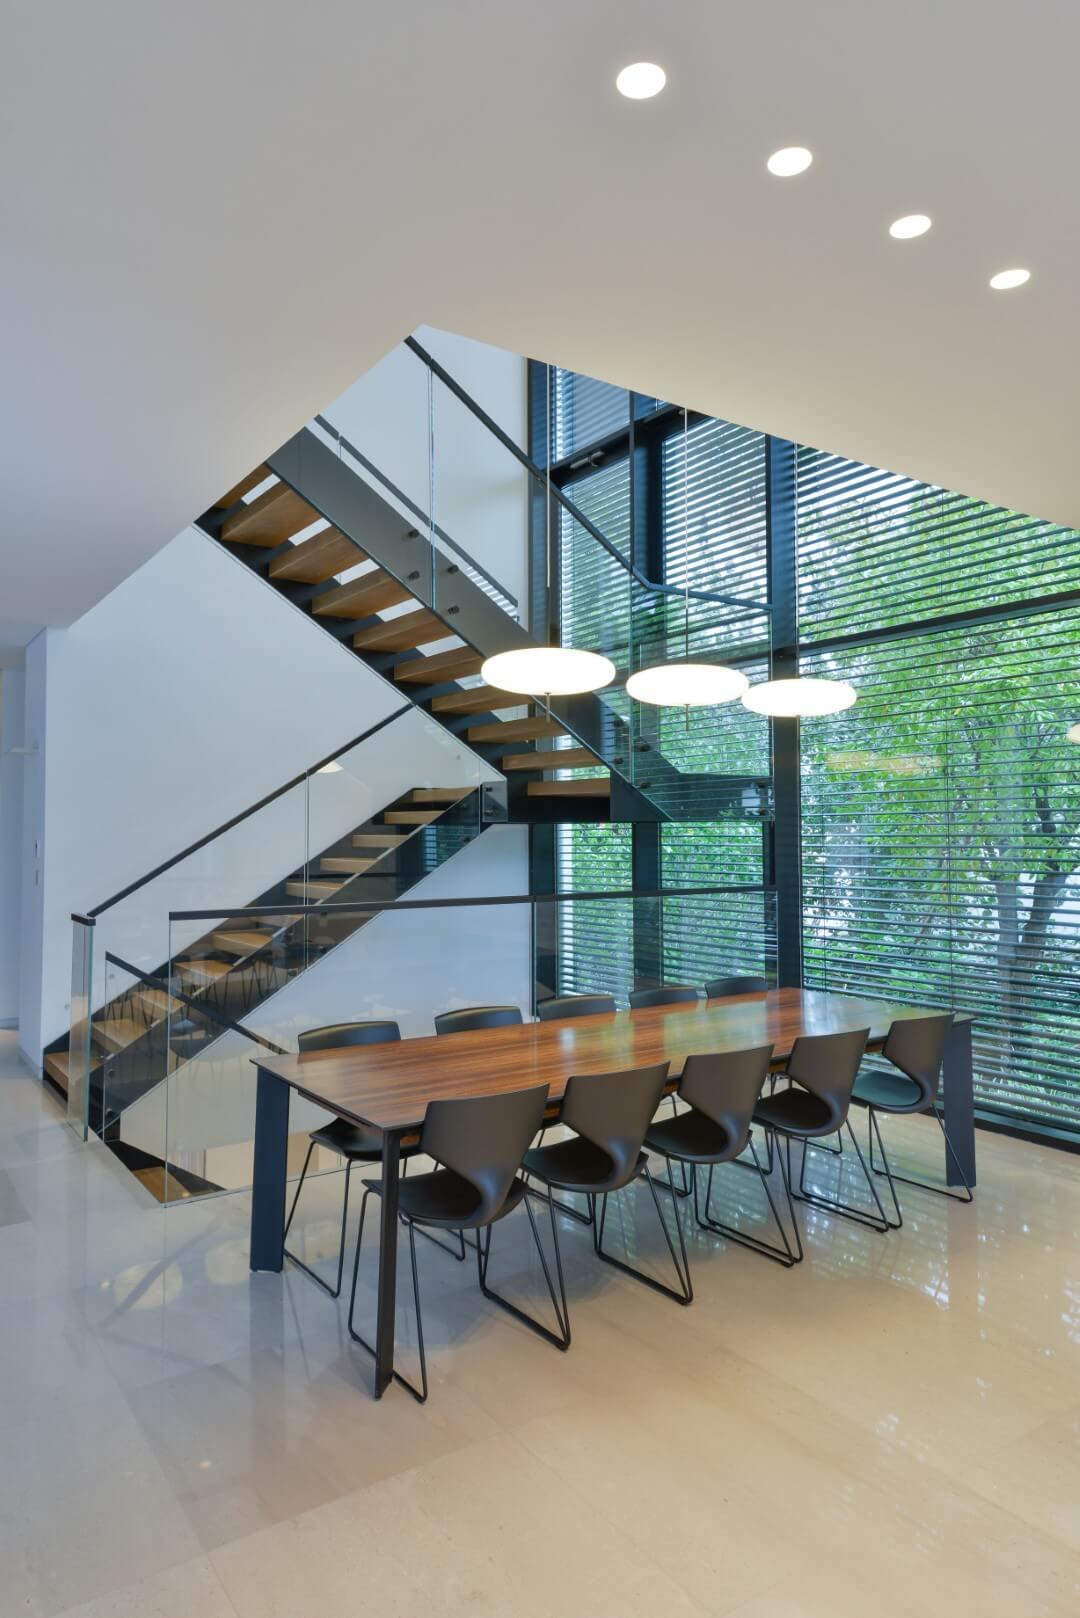 מדרגות קונסטרוקציות ברזל כפולה דקה וביניהם מדרגות עץ ומעקה זכוכית 8+8 קליר בצד הברזל פרזול שחור